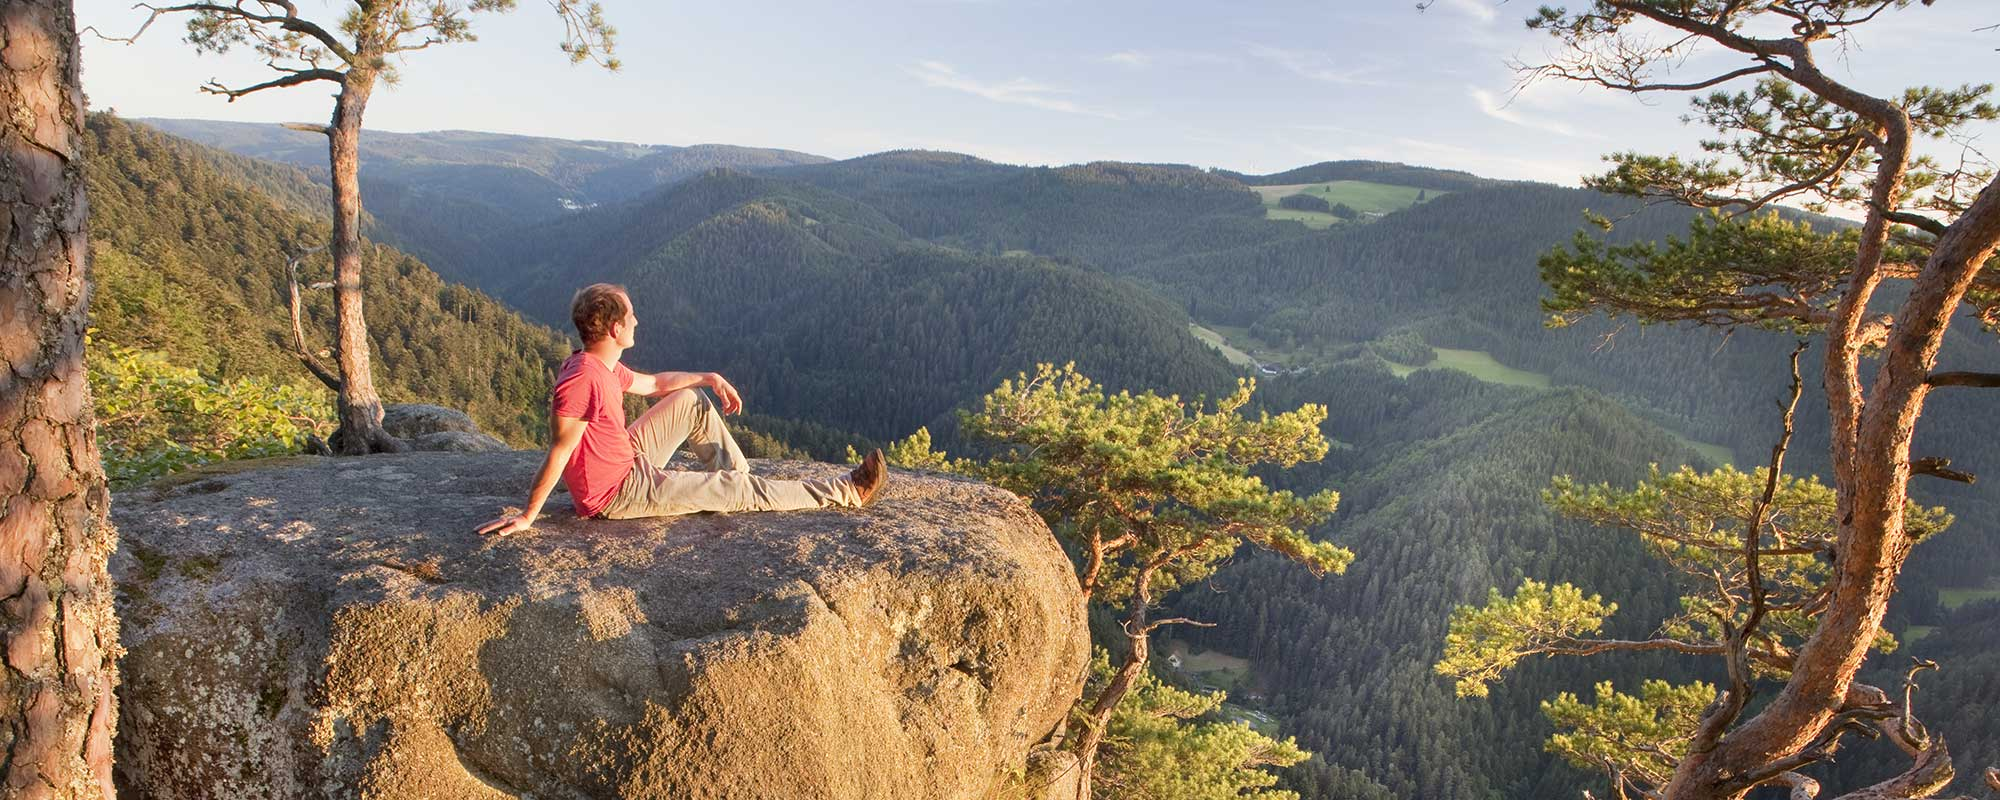 Felsen im Schwarzwald